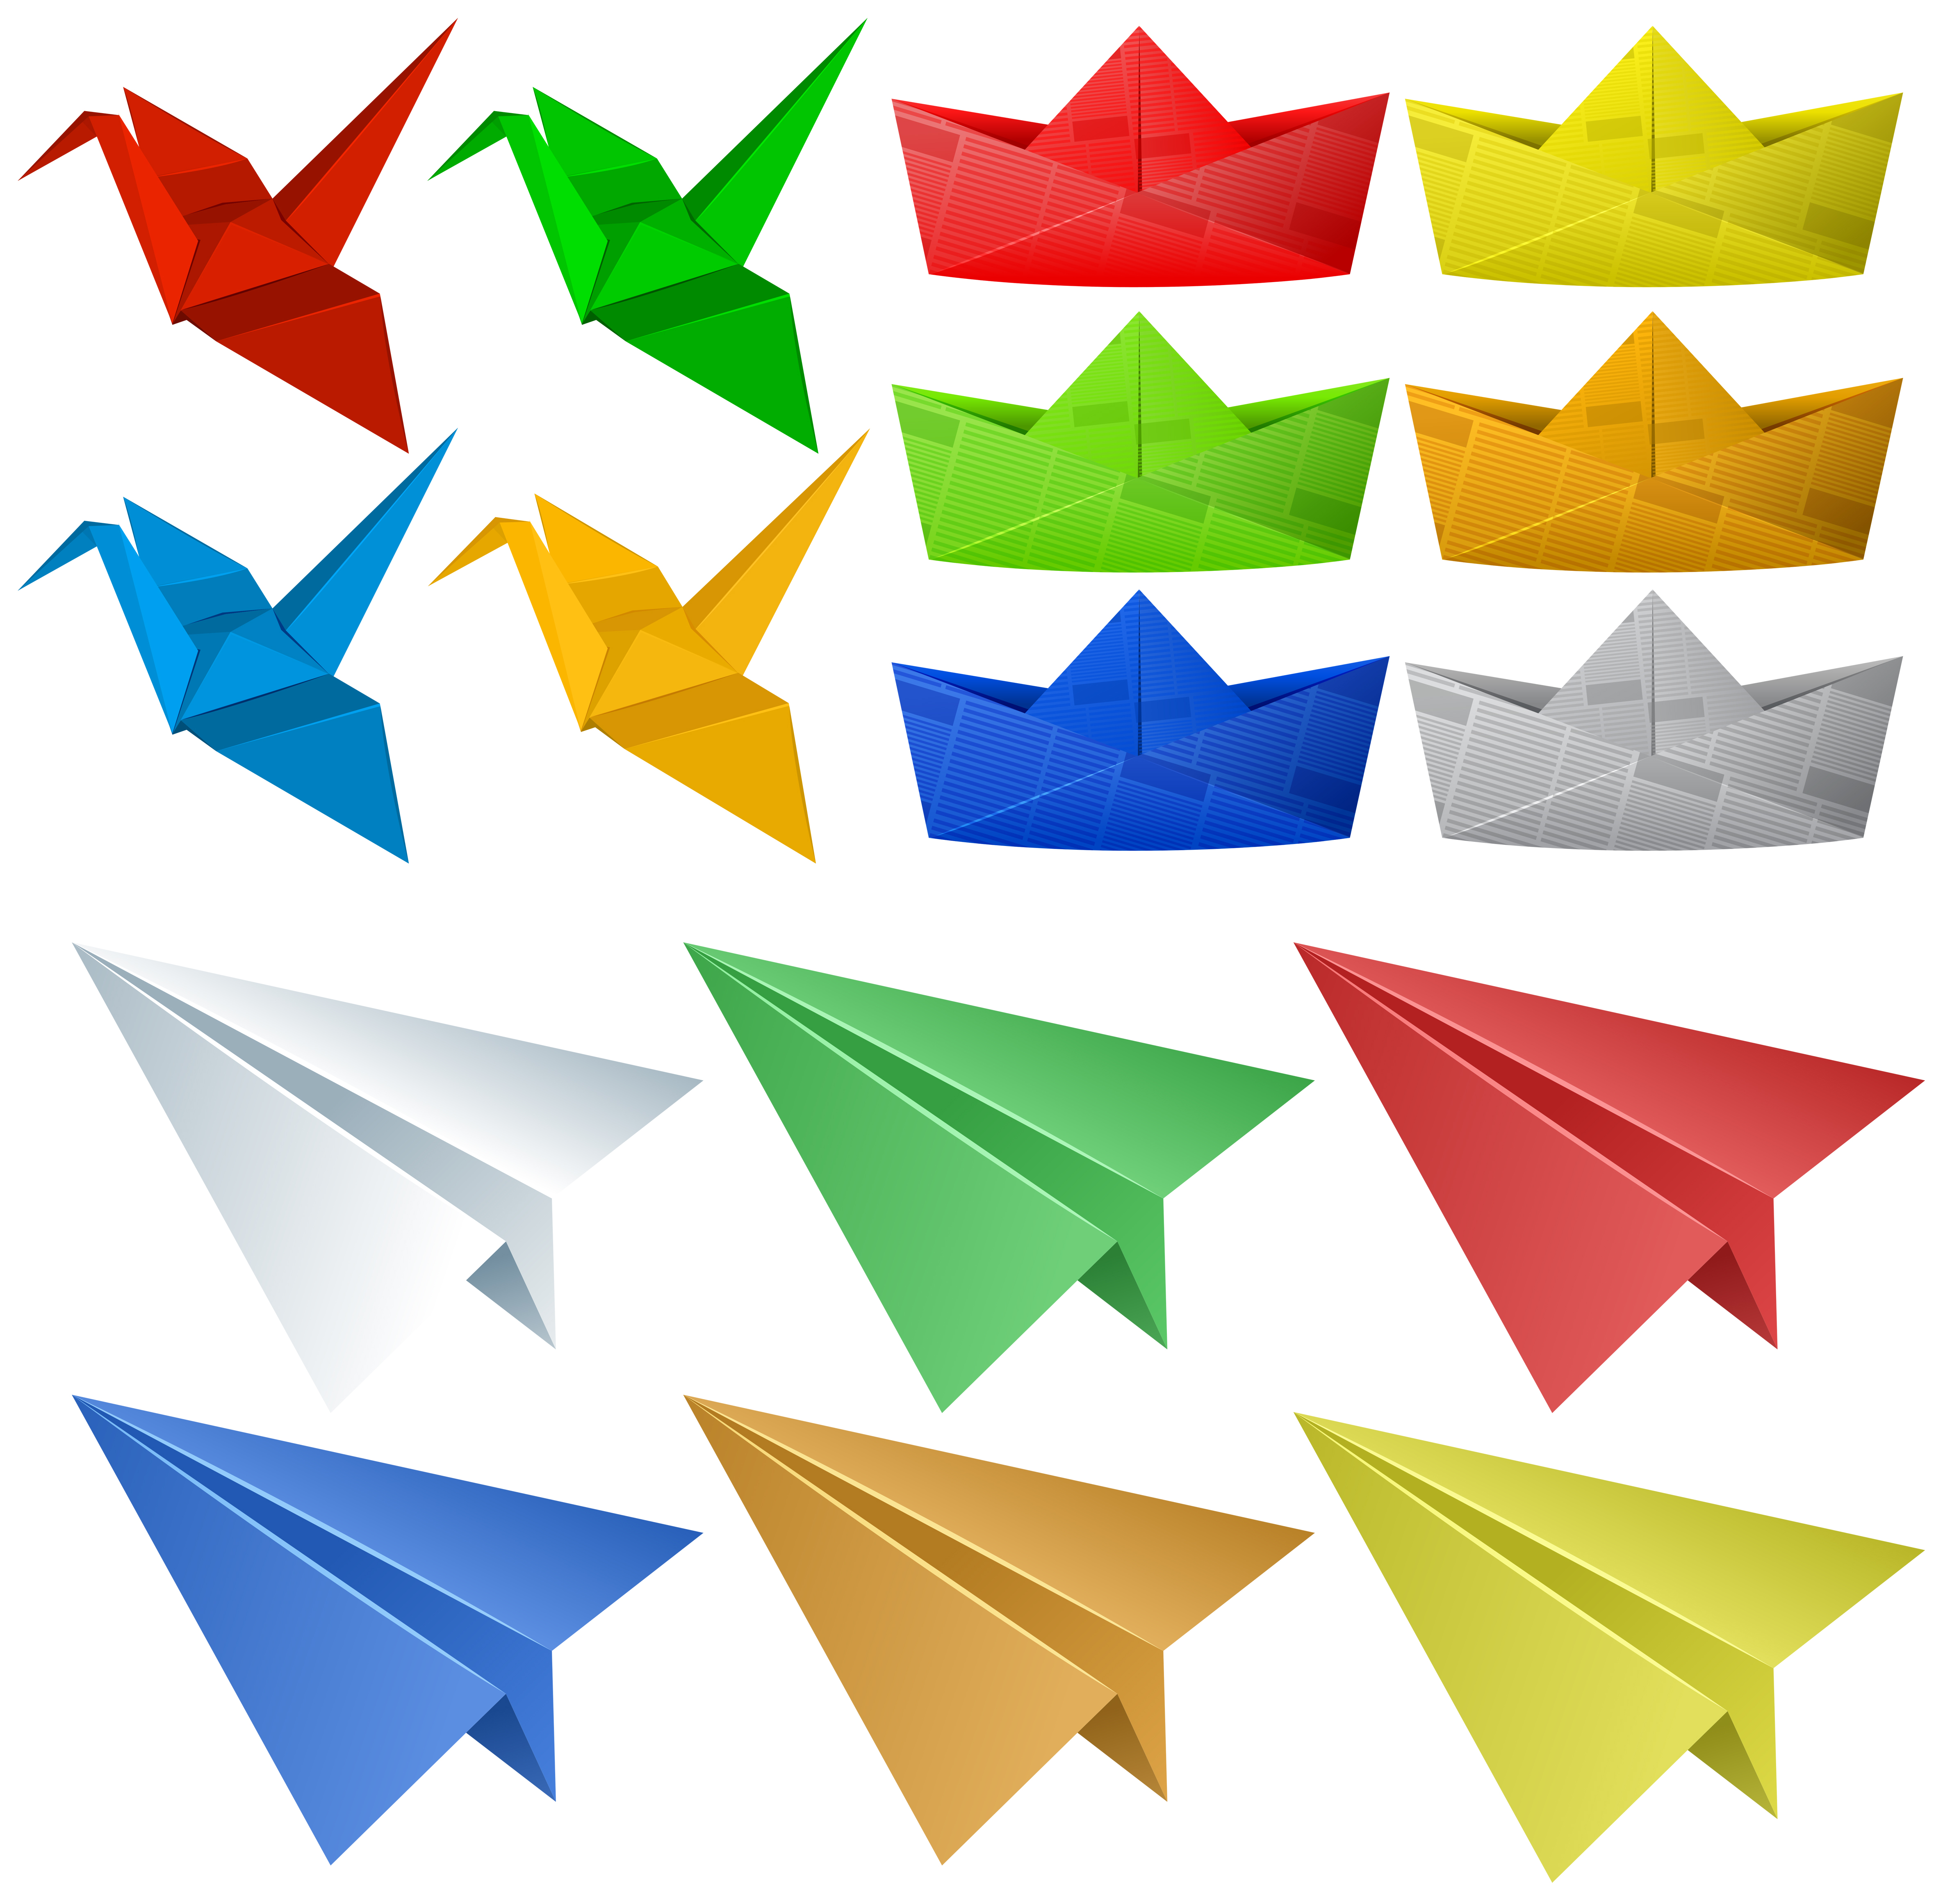 紙飛機圖案 免費下載 | 天天瘋後製